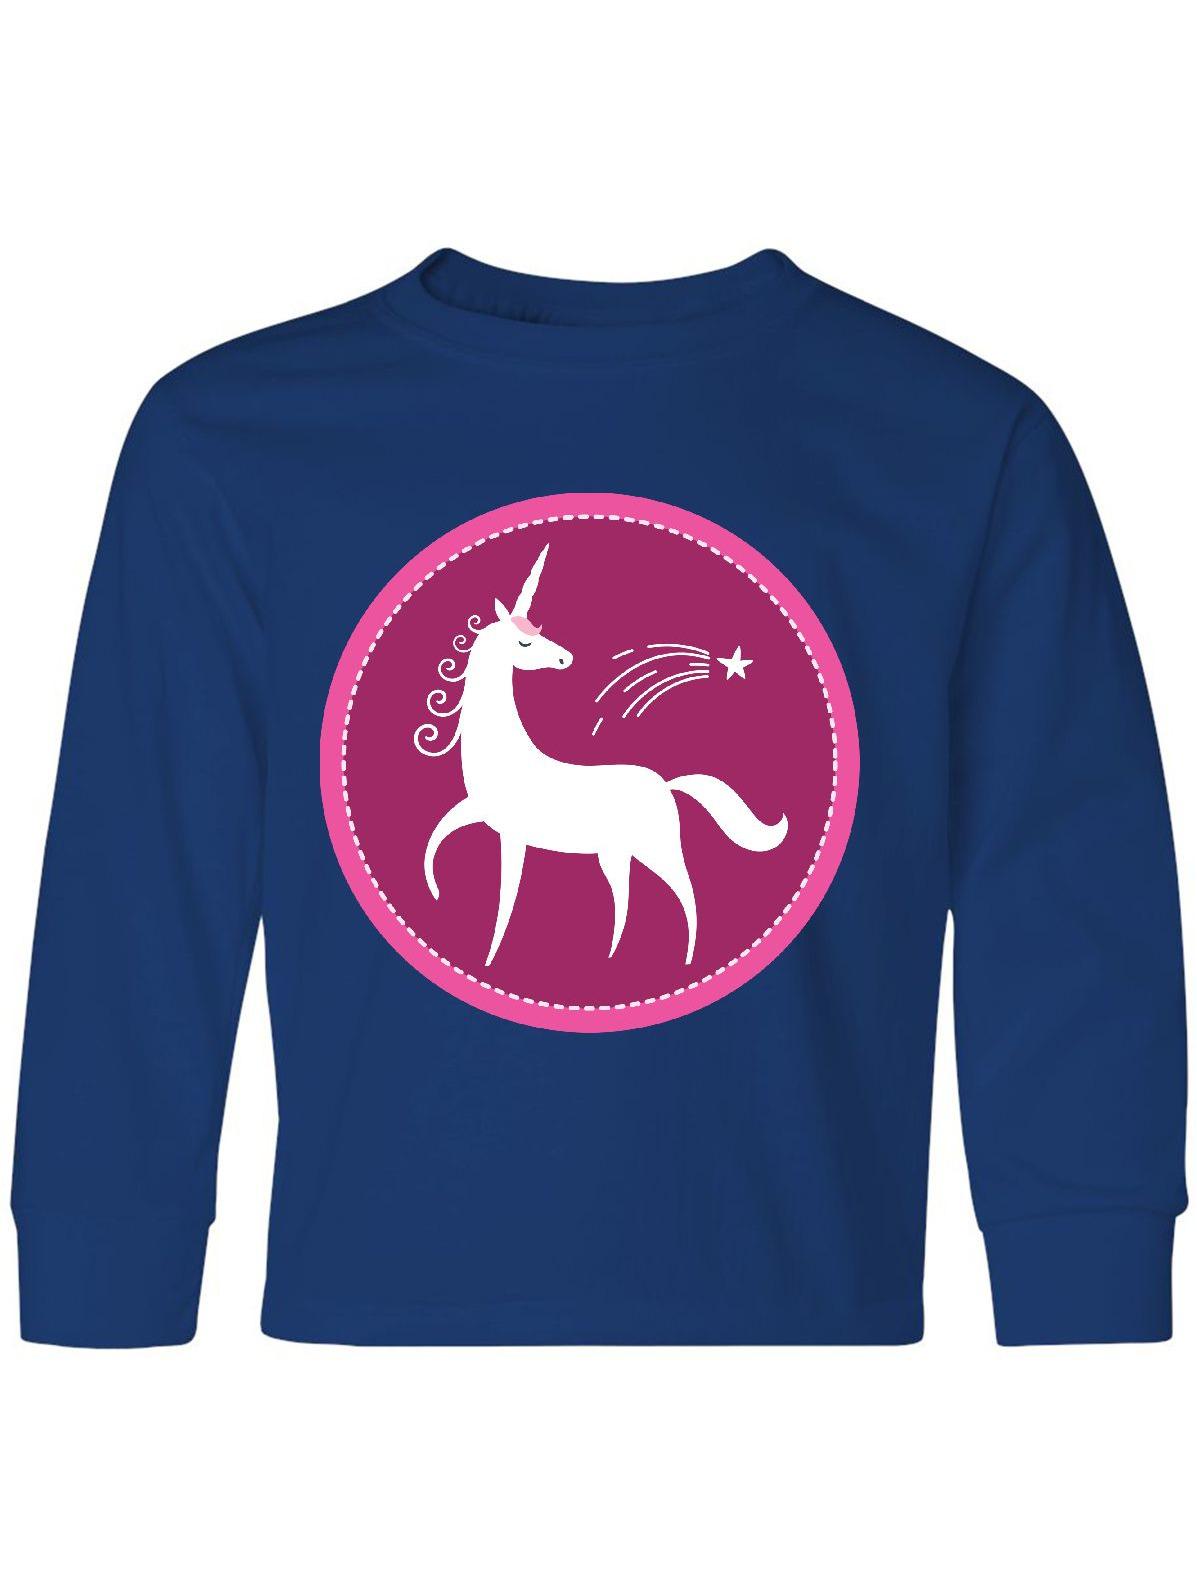 Unicorn Girls Gift Idea Youth Long Sleeve T-Shirt